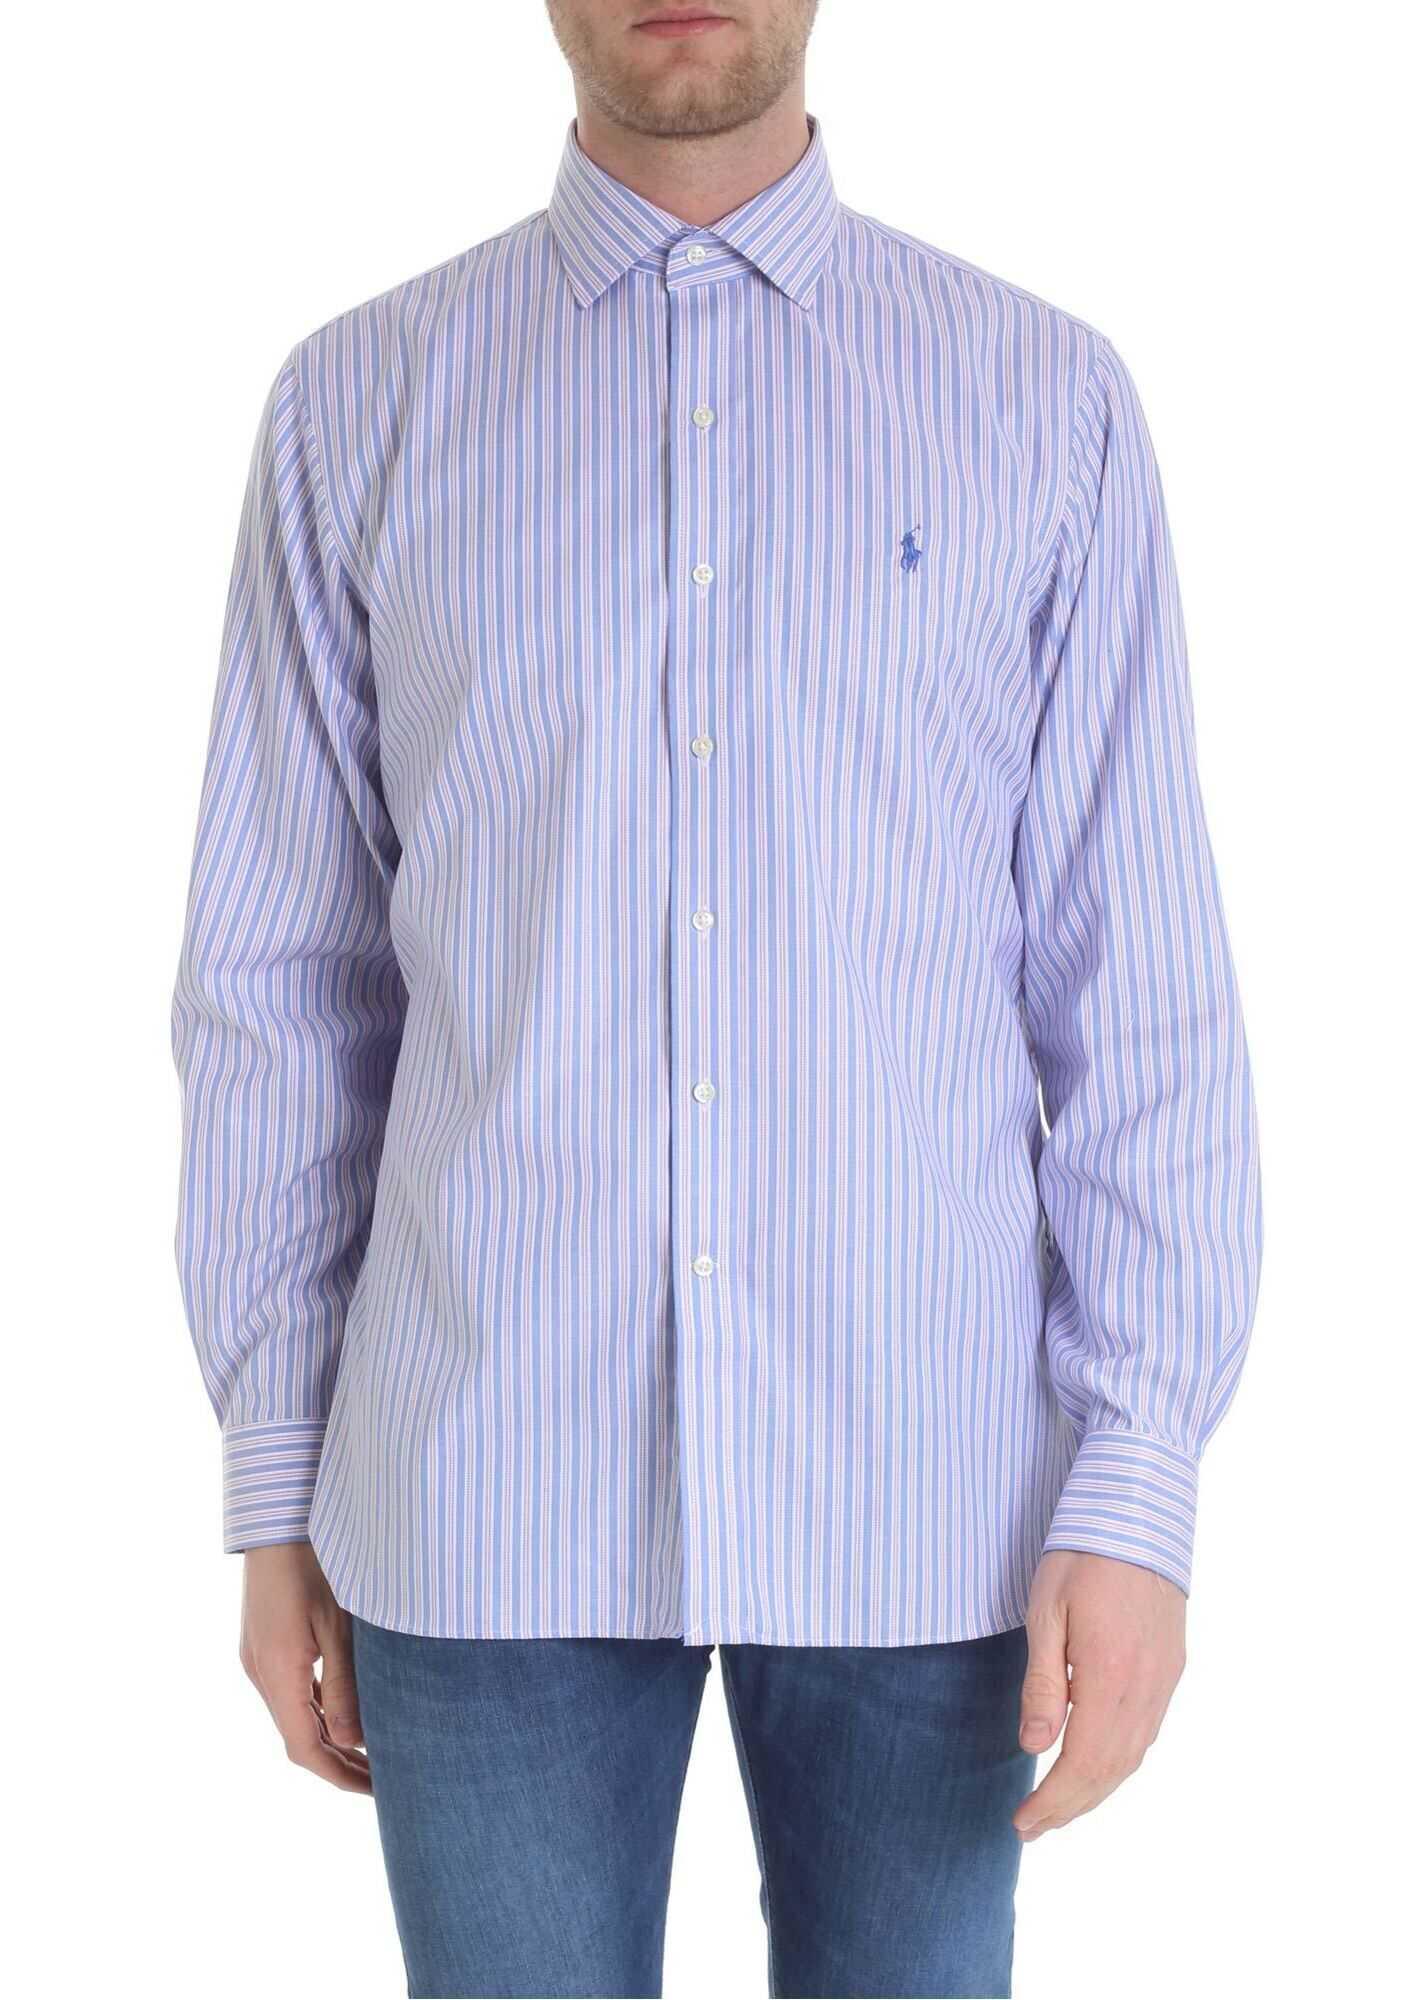 Ralph Lauren Blue And Pink Ralph Lauren Striped Shirt Blue imagine